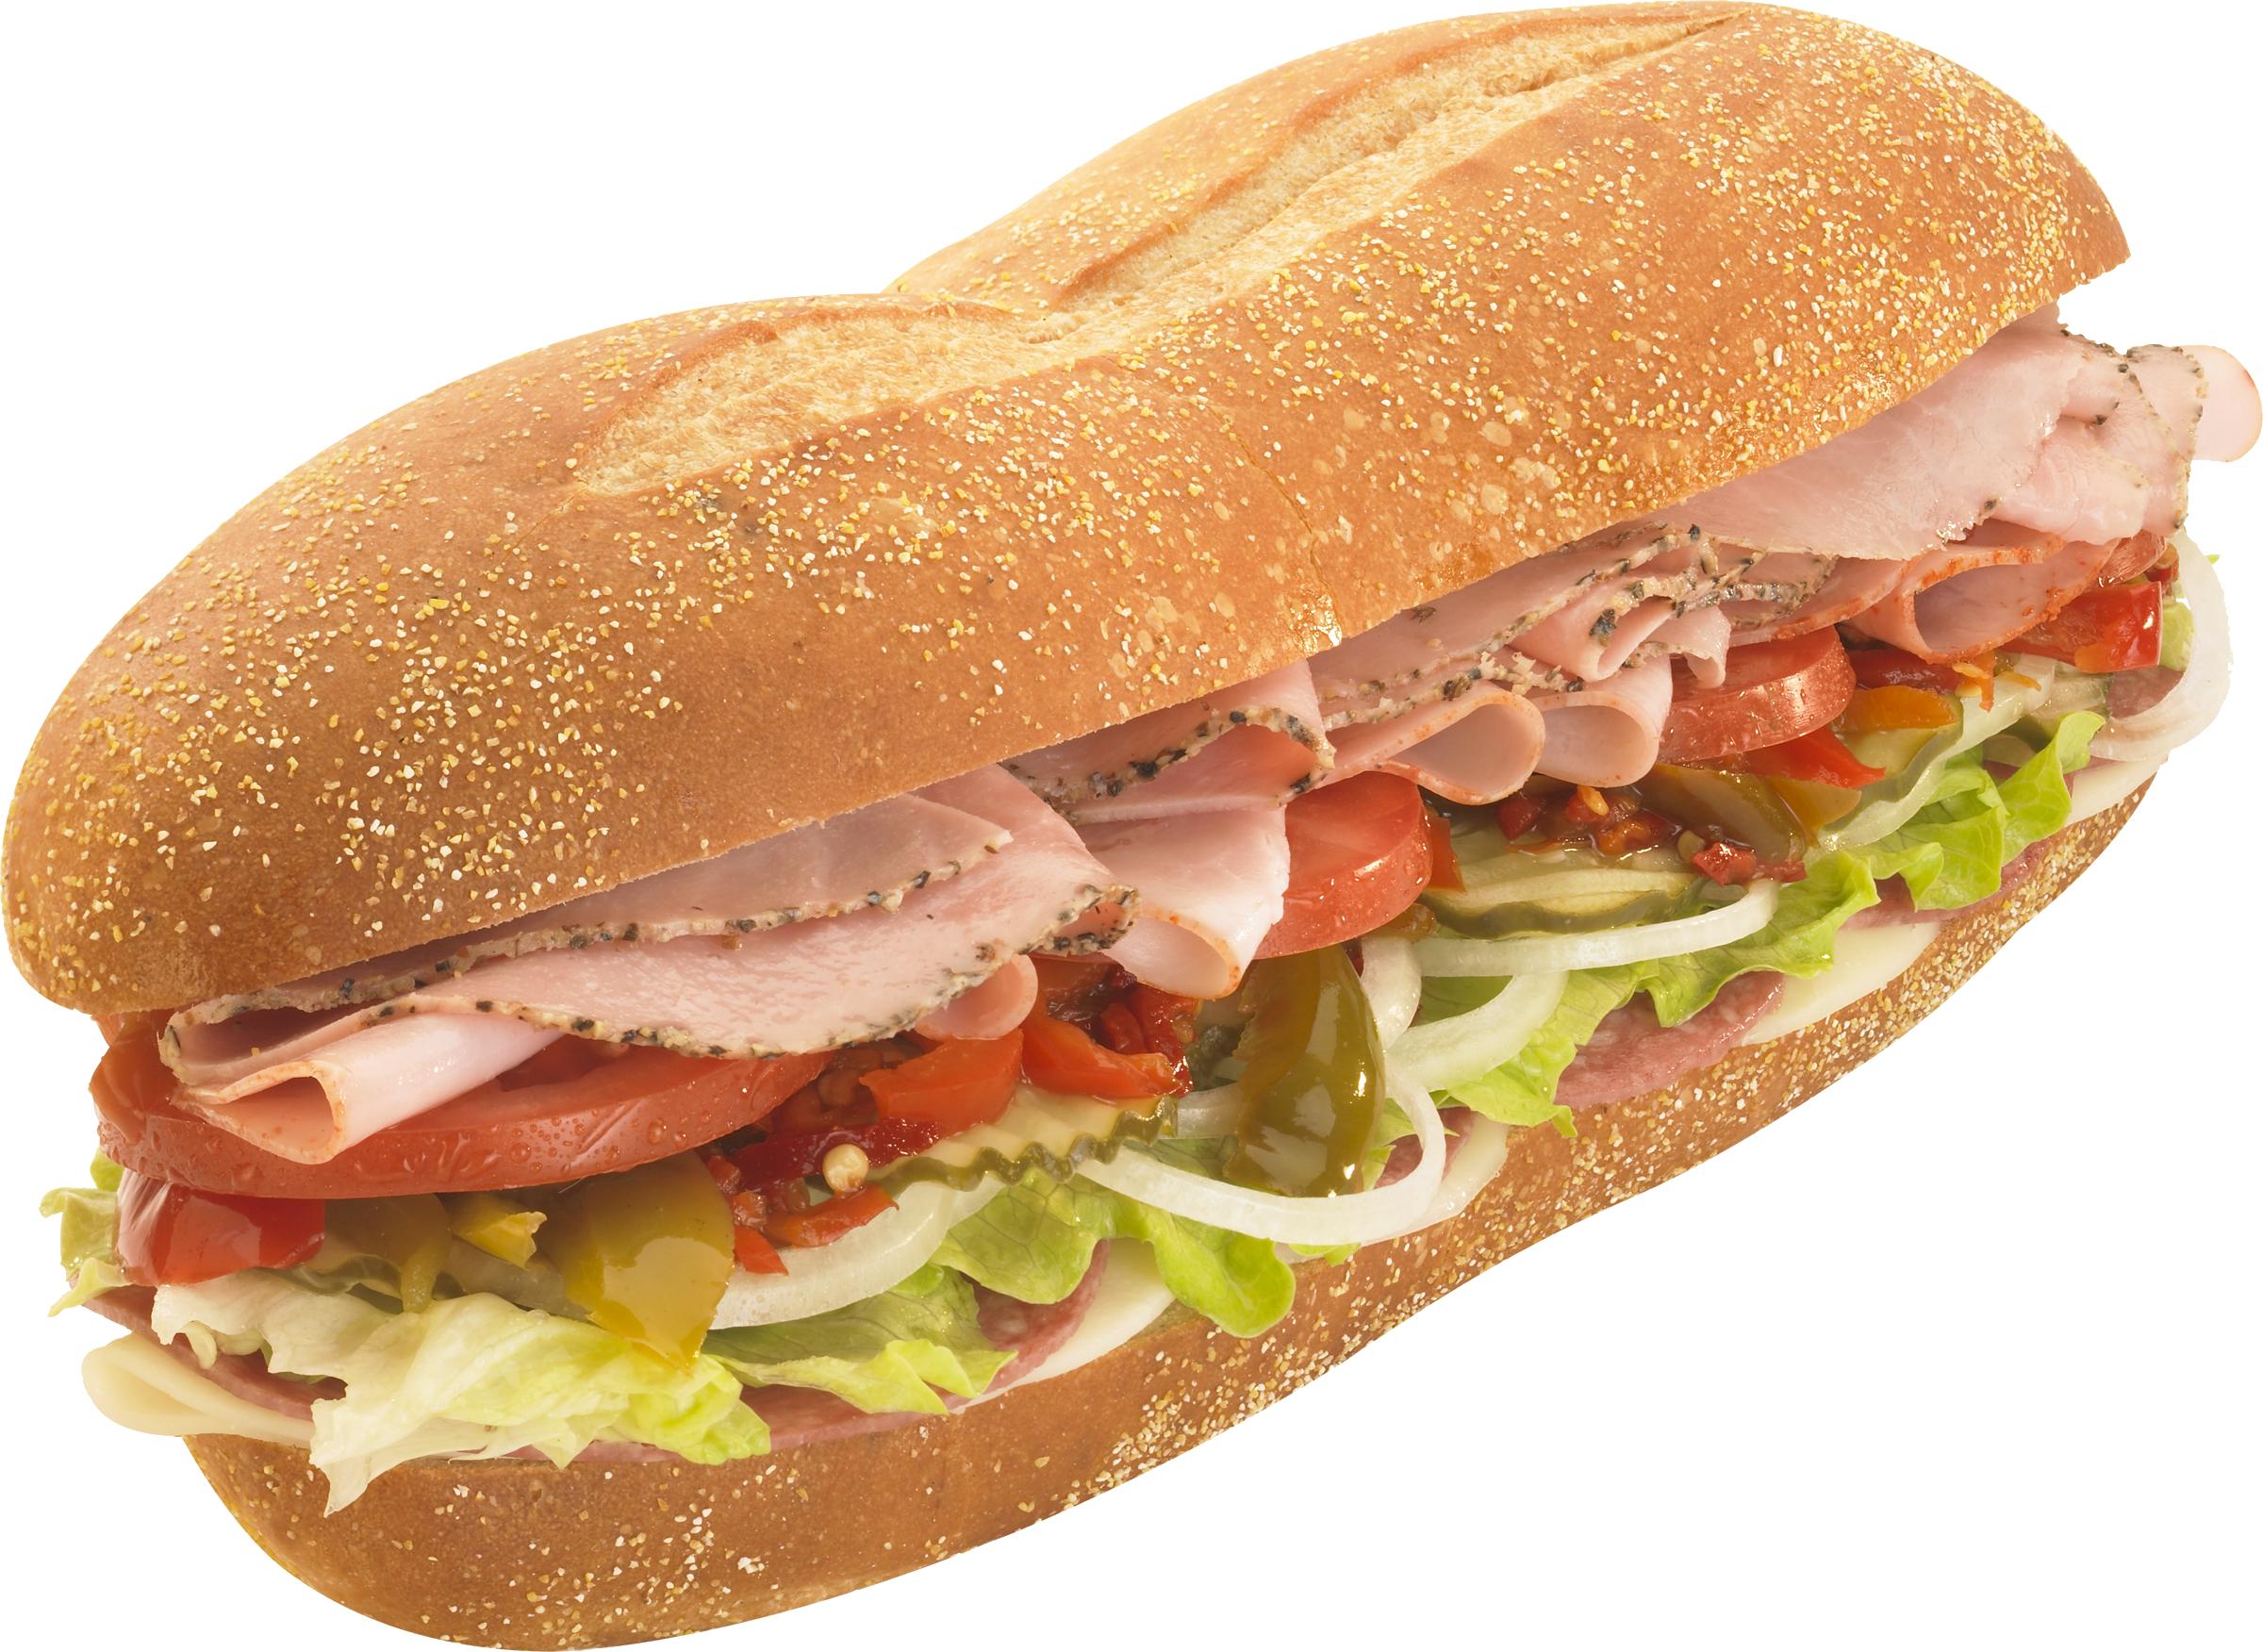 High Resolution Wallpaper | Sandwich 2400x1752 px